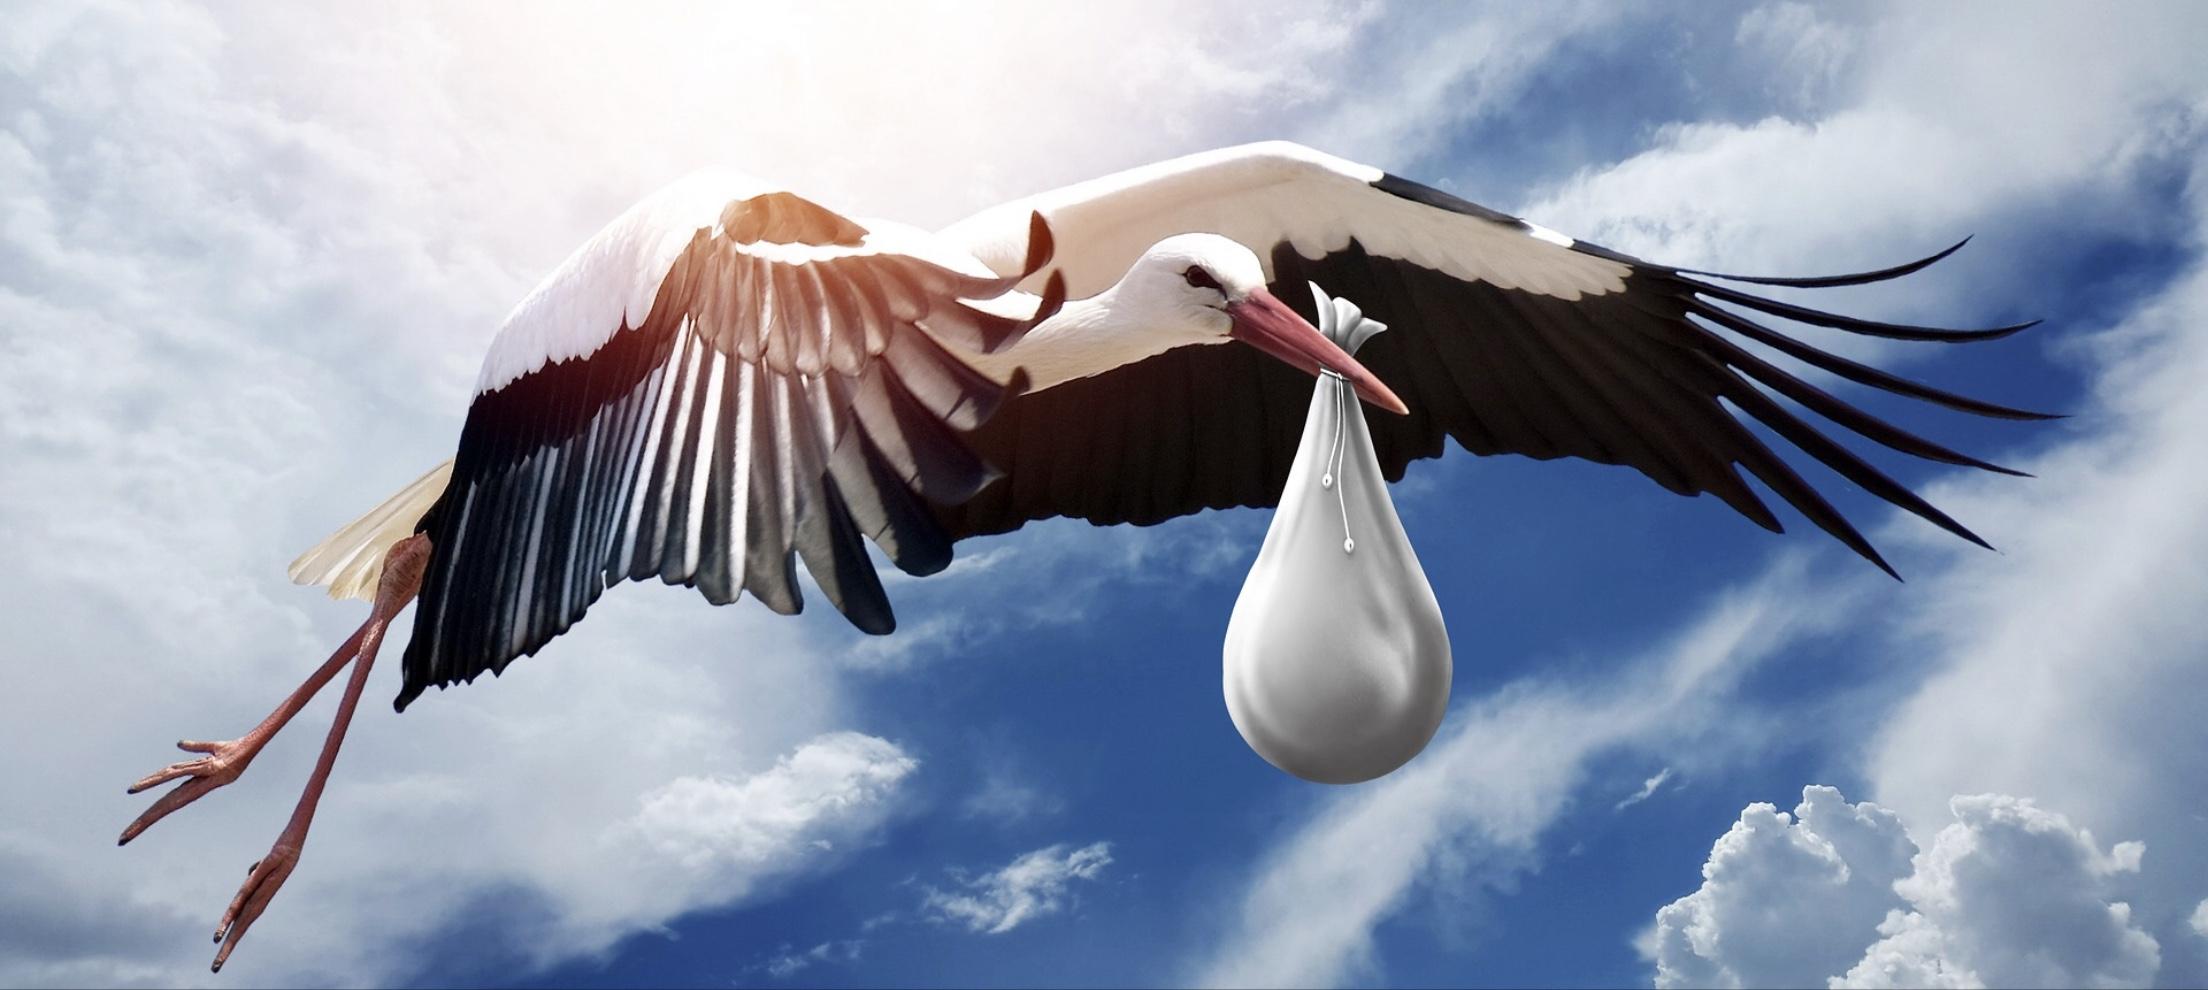 Stork Fertility